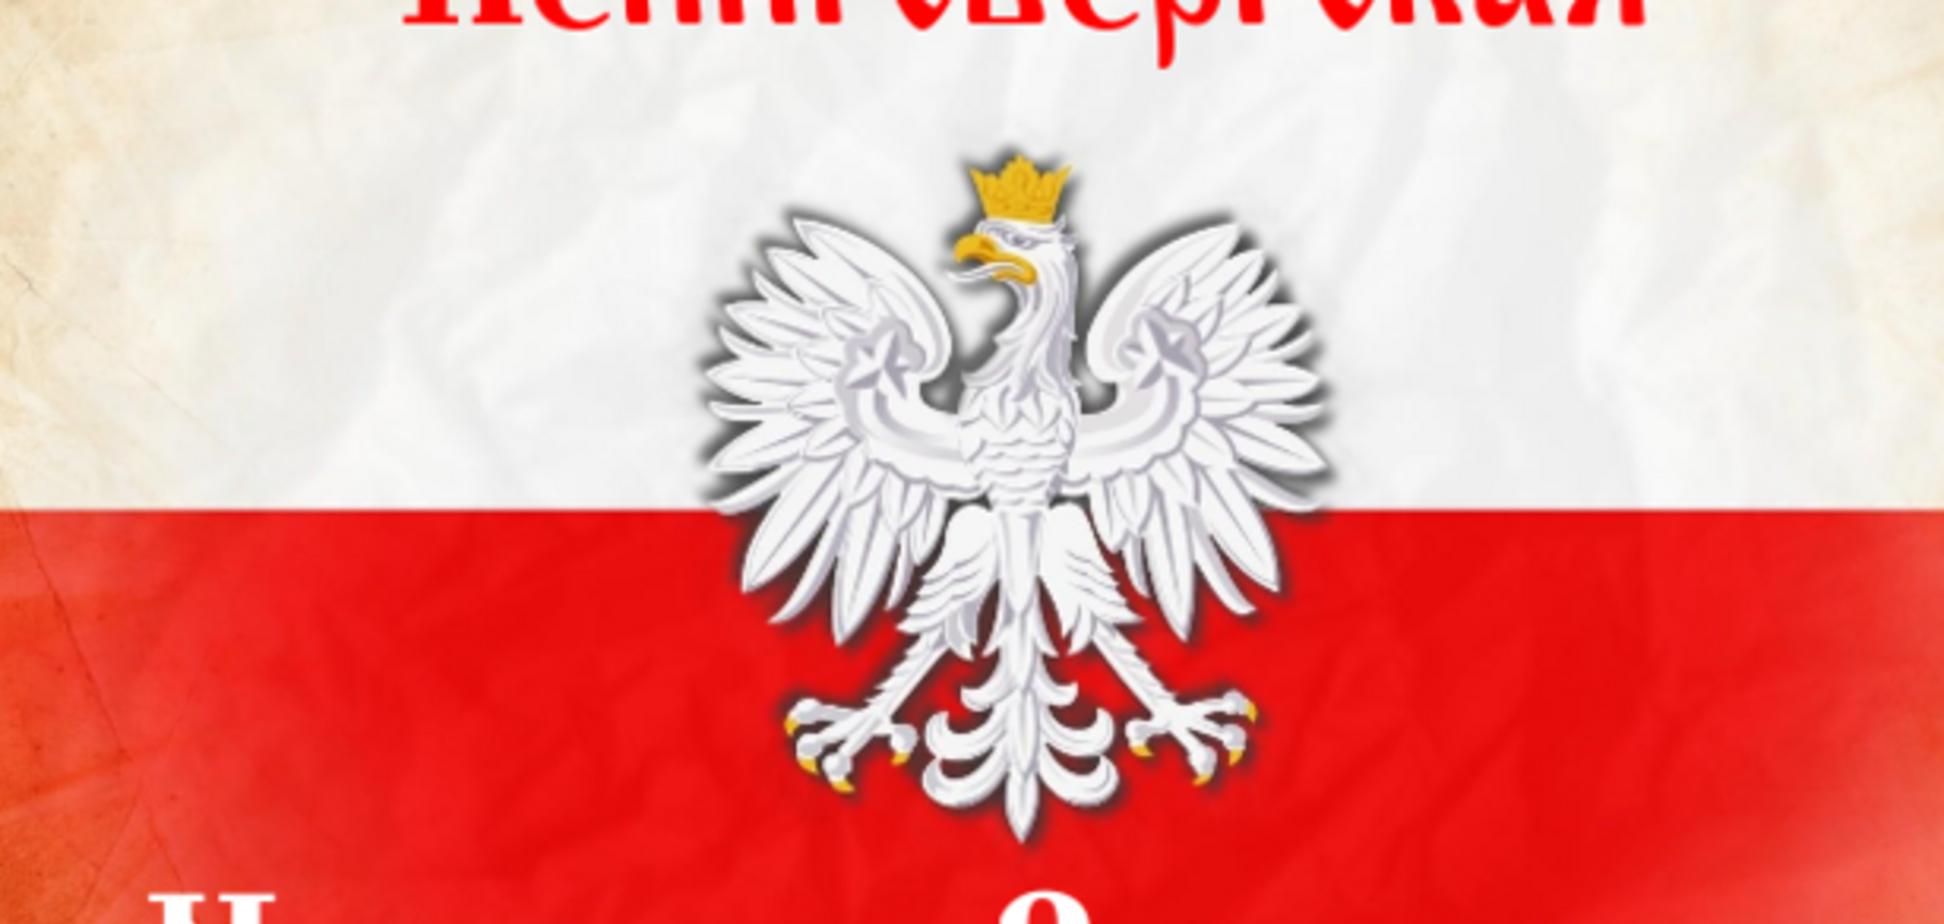 В ЕС заговорили о возвращении Калининграда в Европу - СМИ